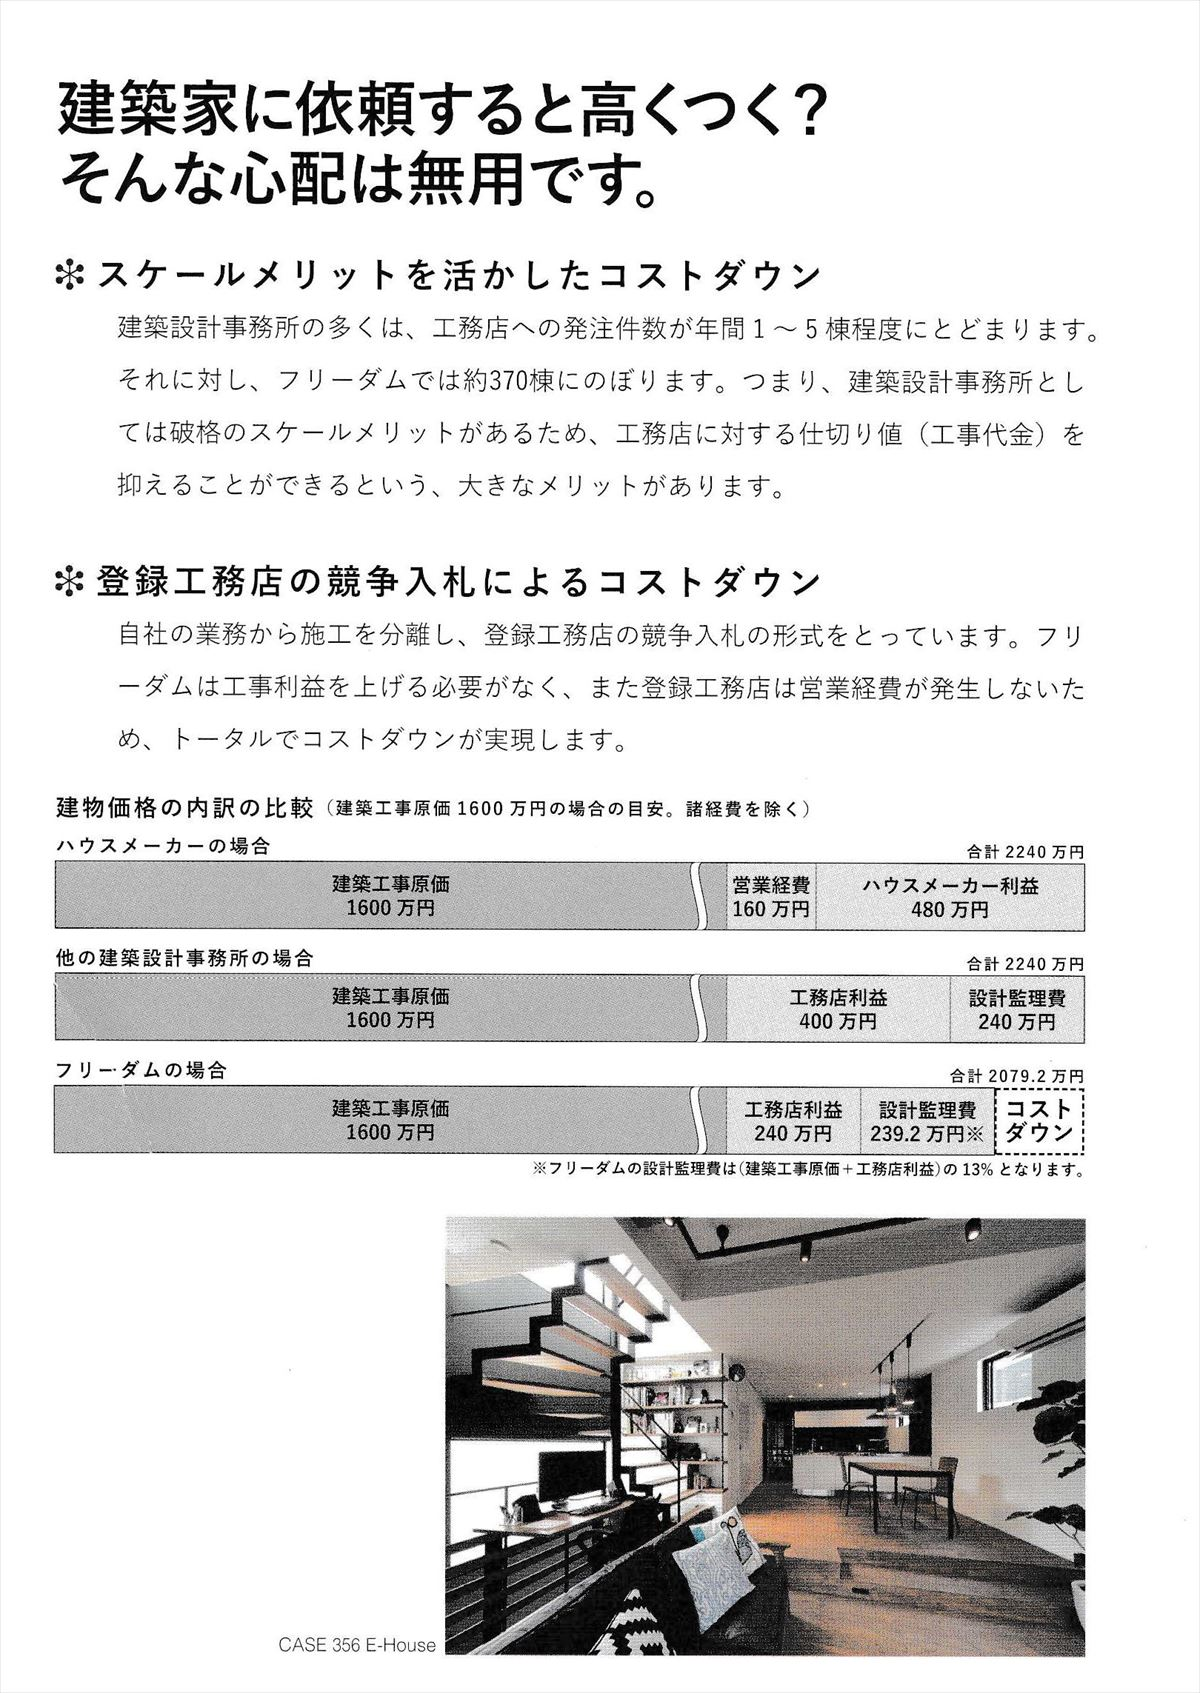 フリーダムアーキテクツデザインの価格_R